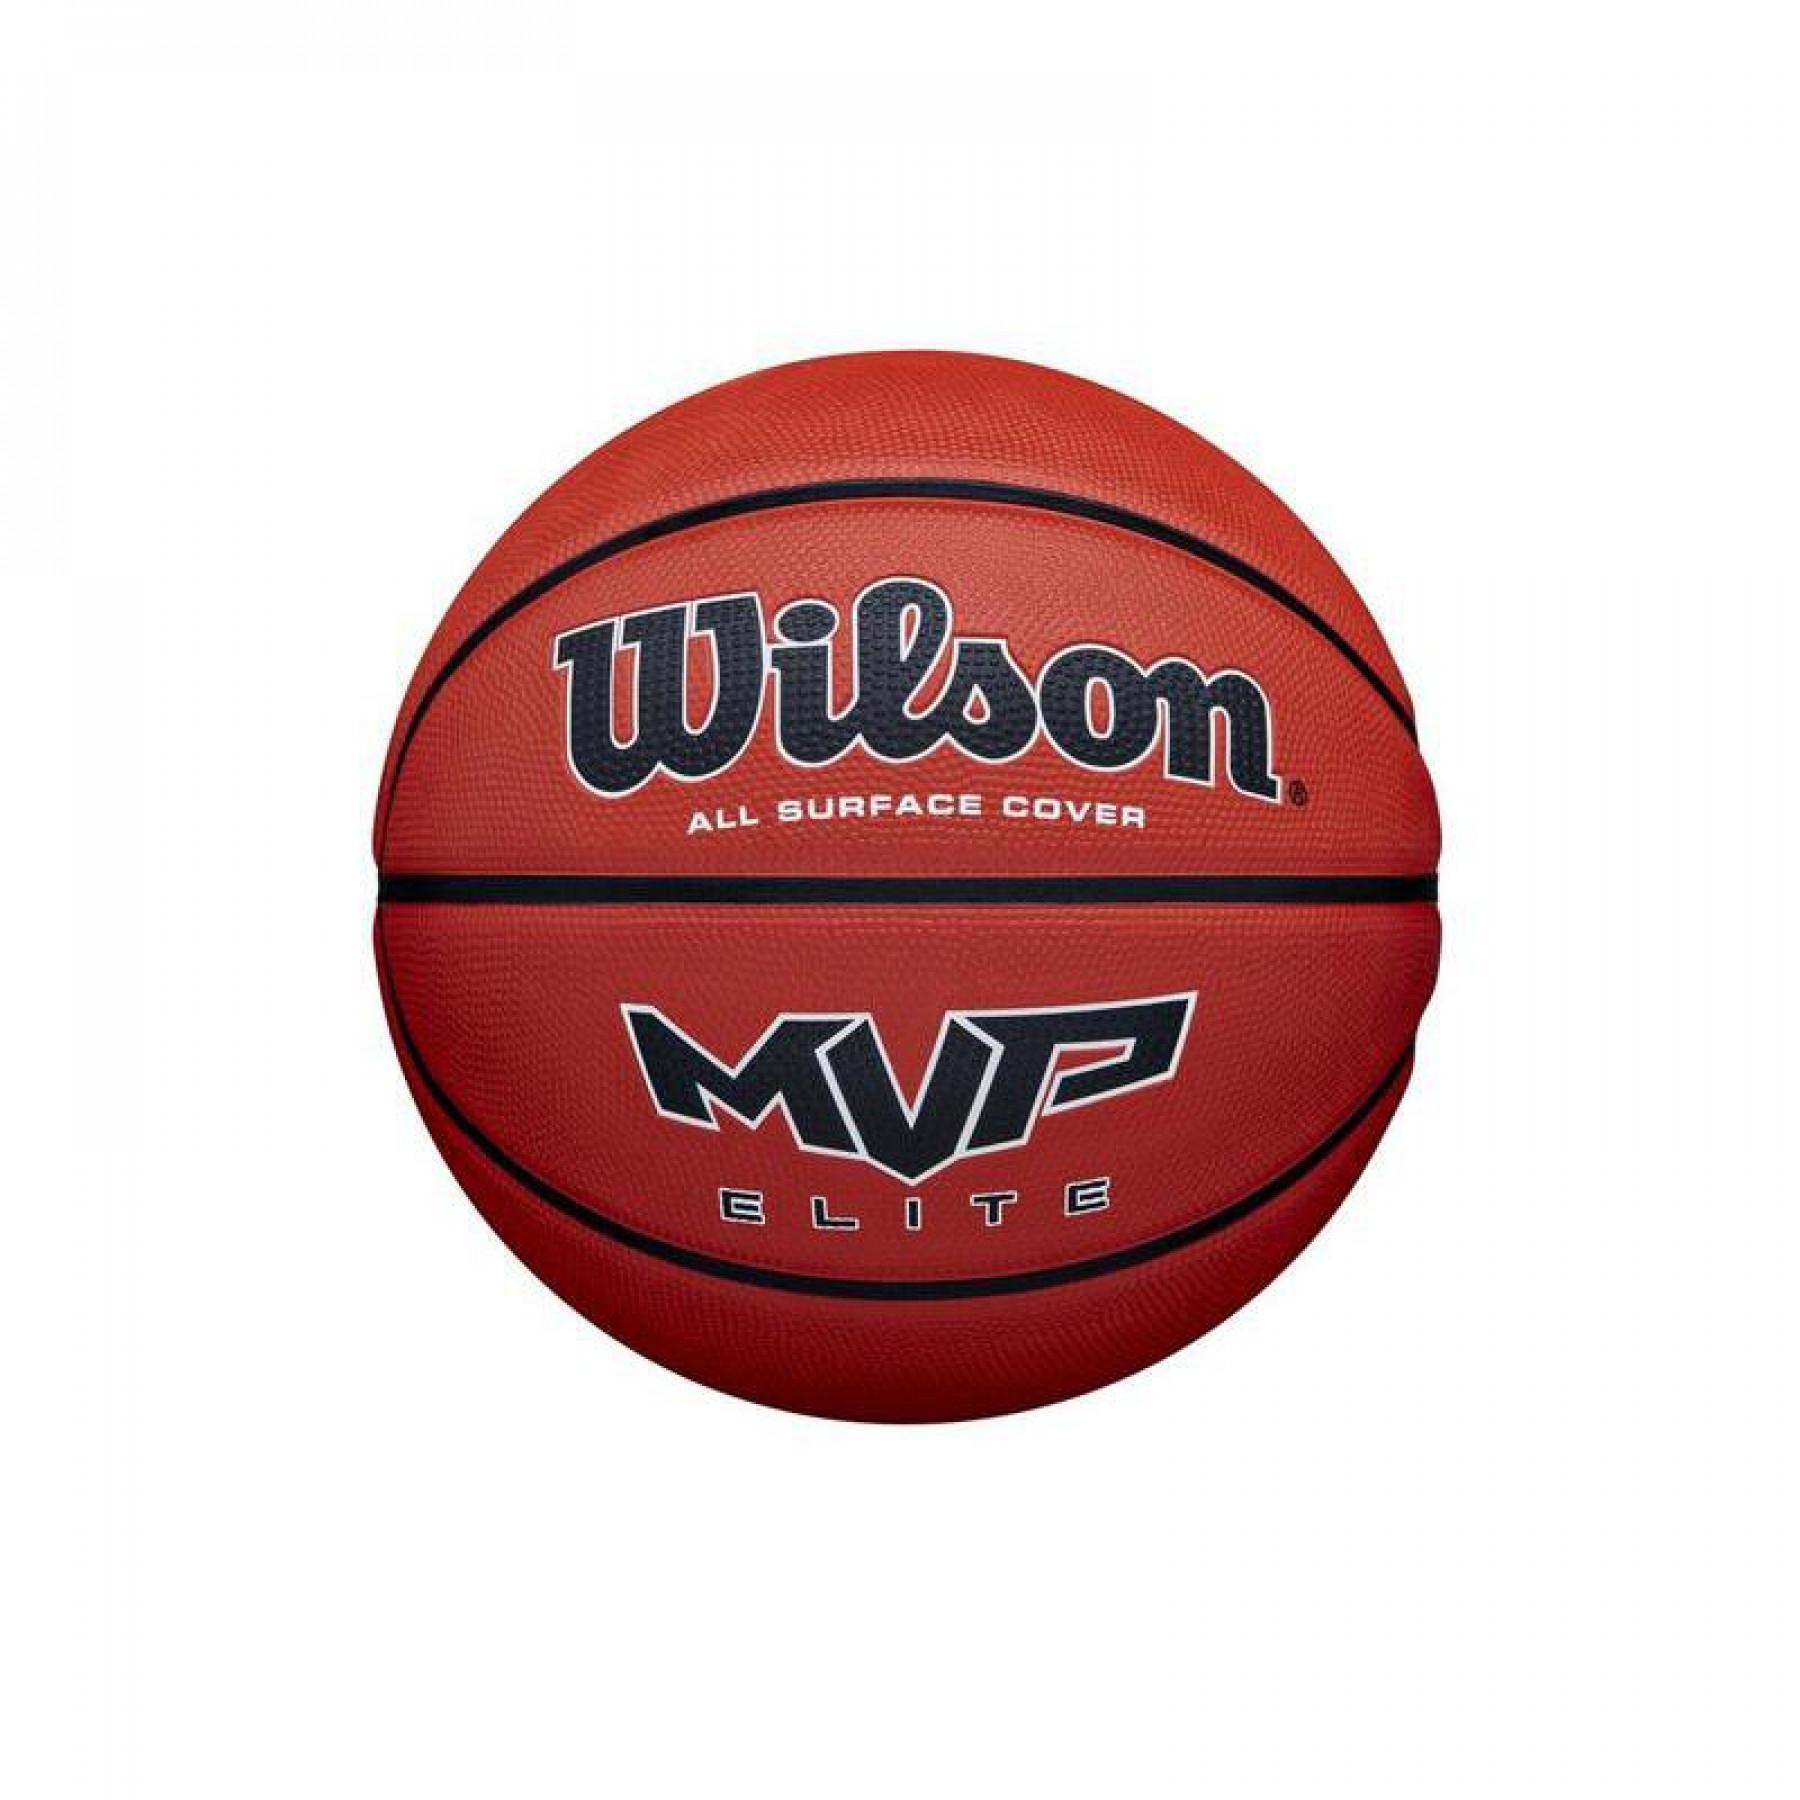 Wilson MVP Elite Ball